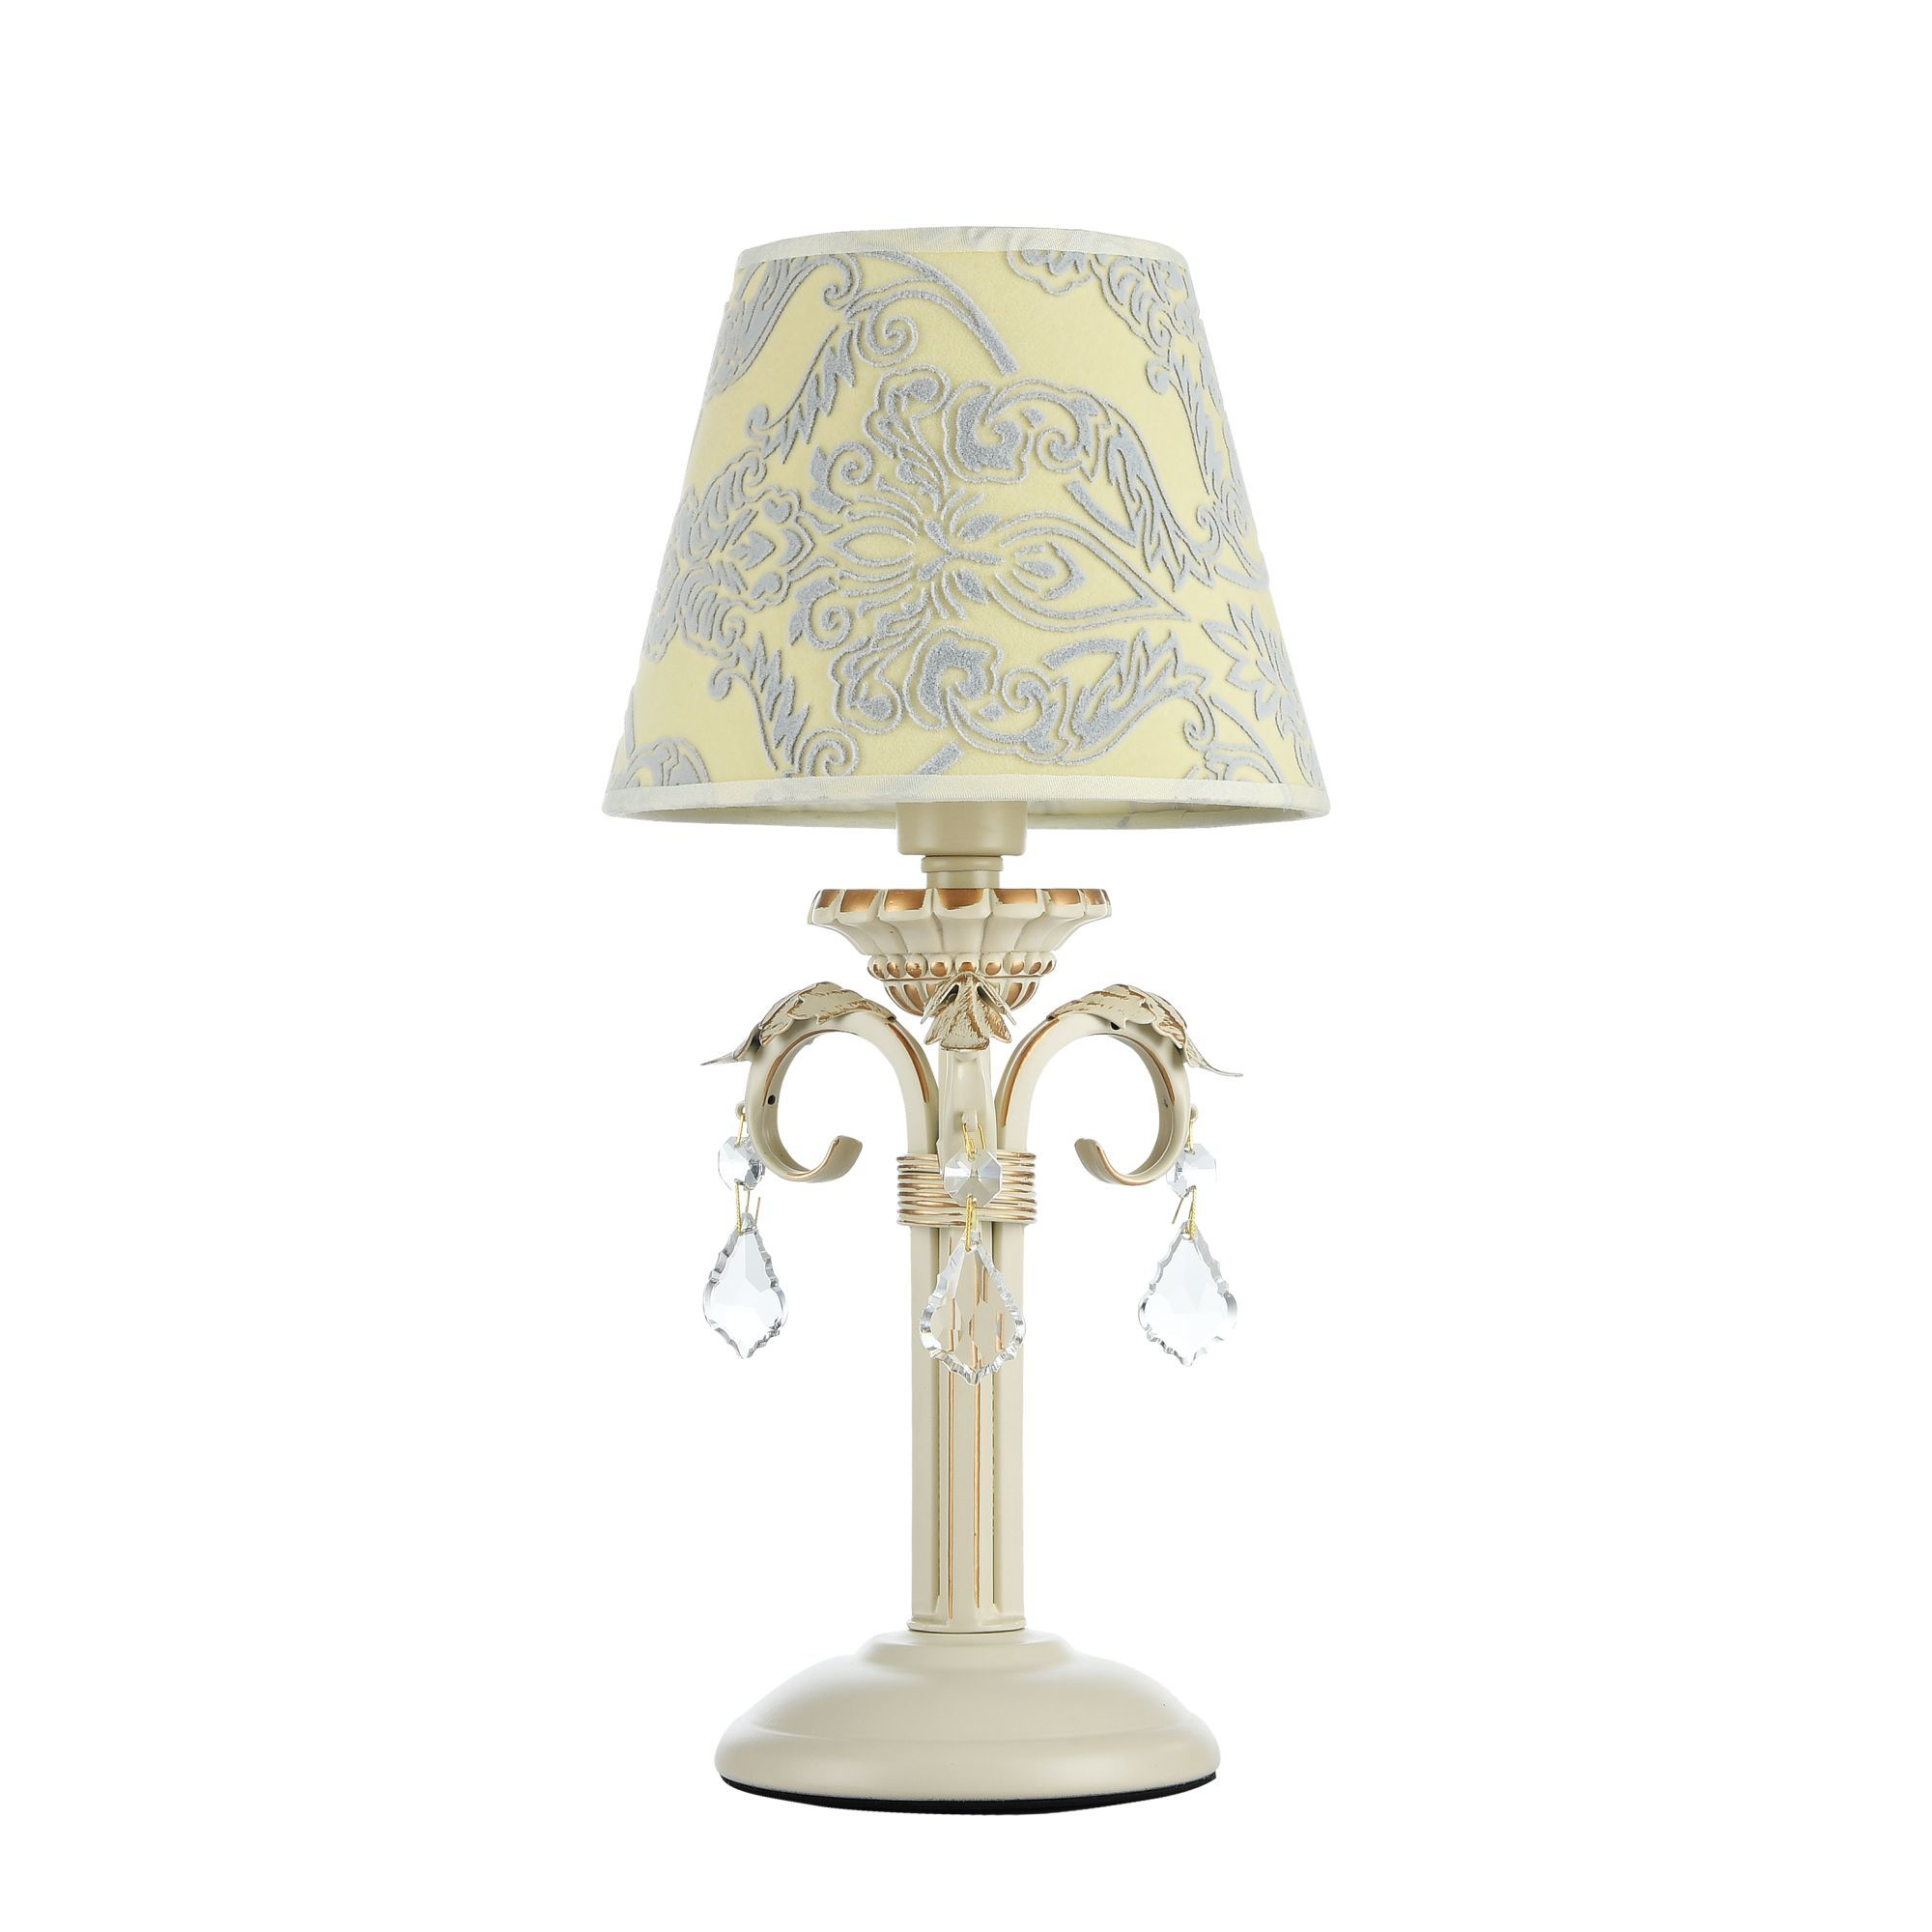 Настольная лампа Maytoni Velvet ARM219-00-G, 1xE14x40W, белый, матовое золото, бежевый, прозрачный, металл, текстиль, стекло - фото 1